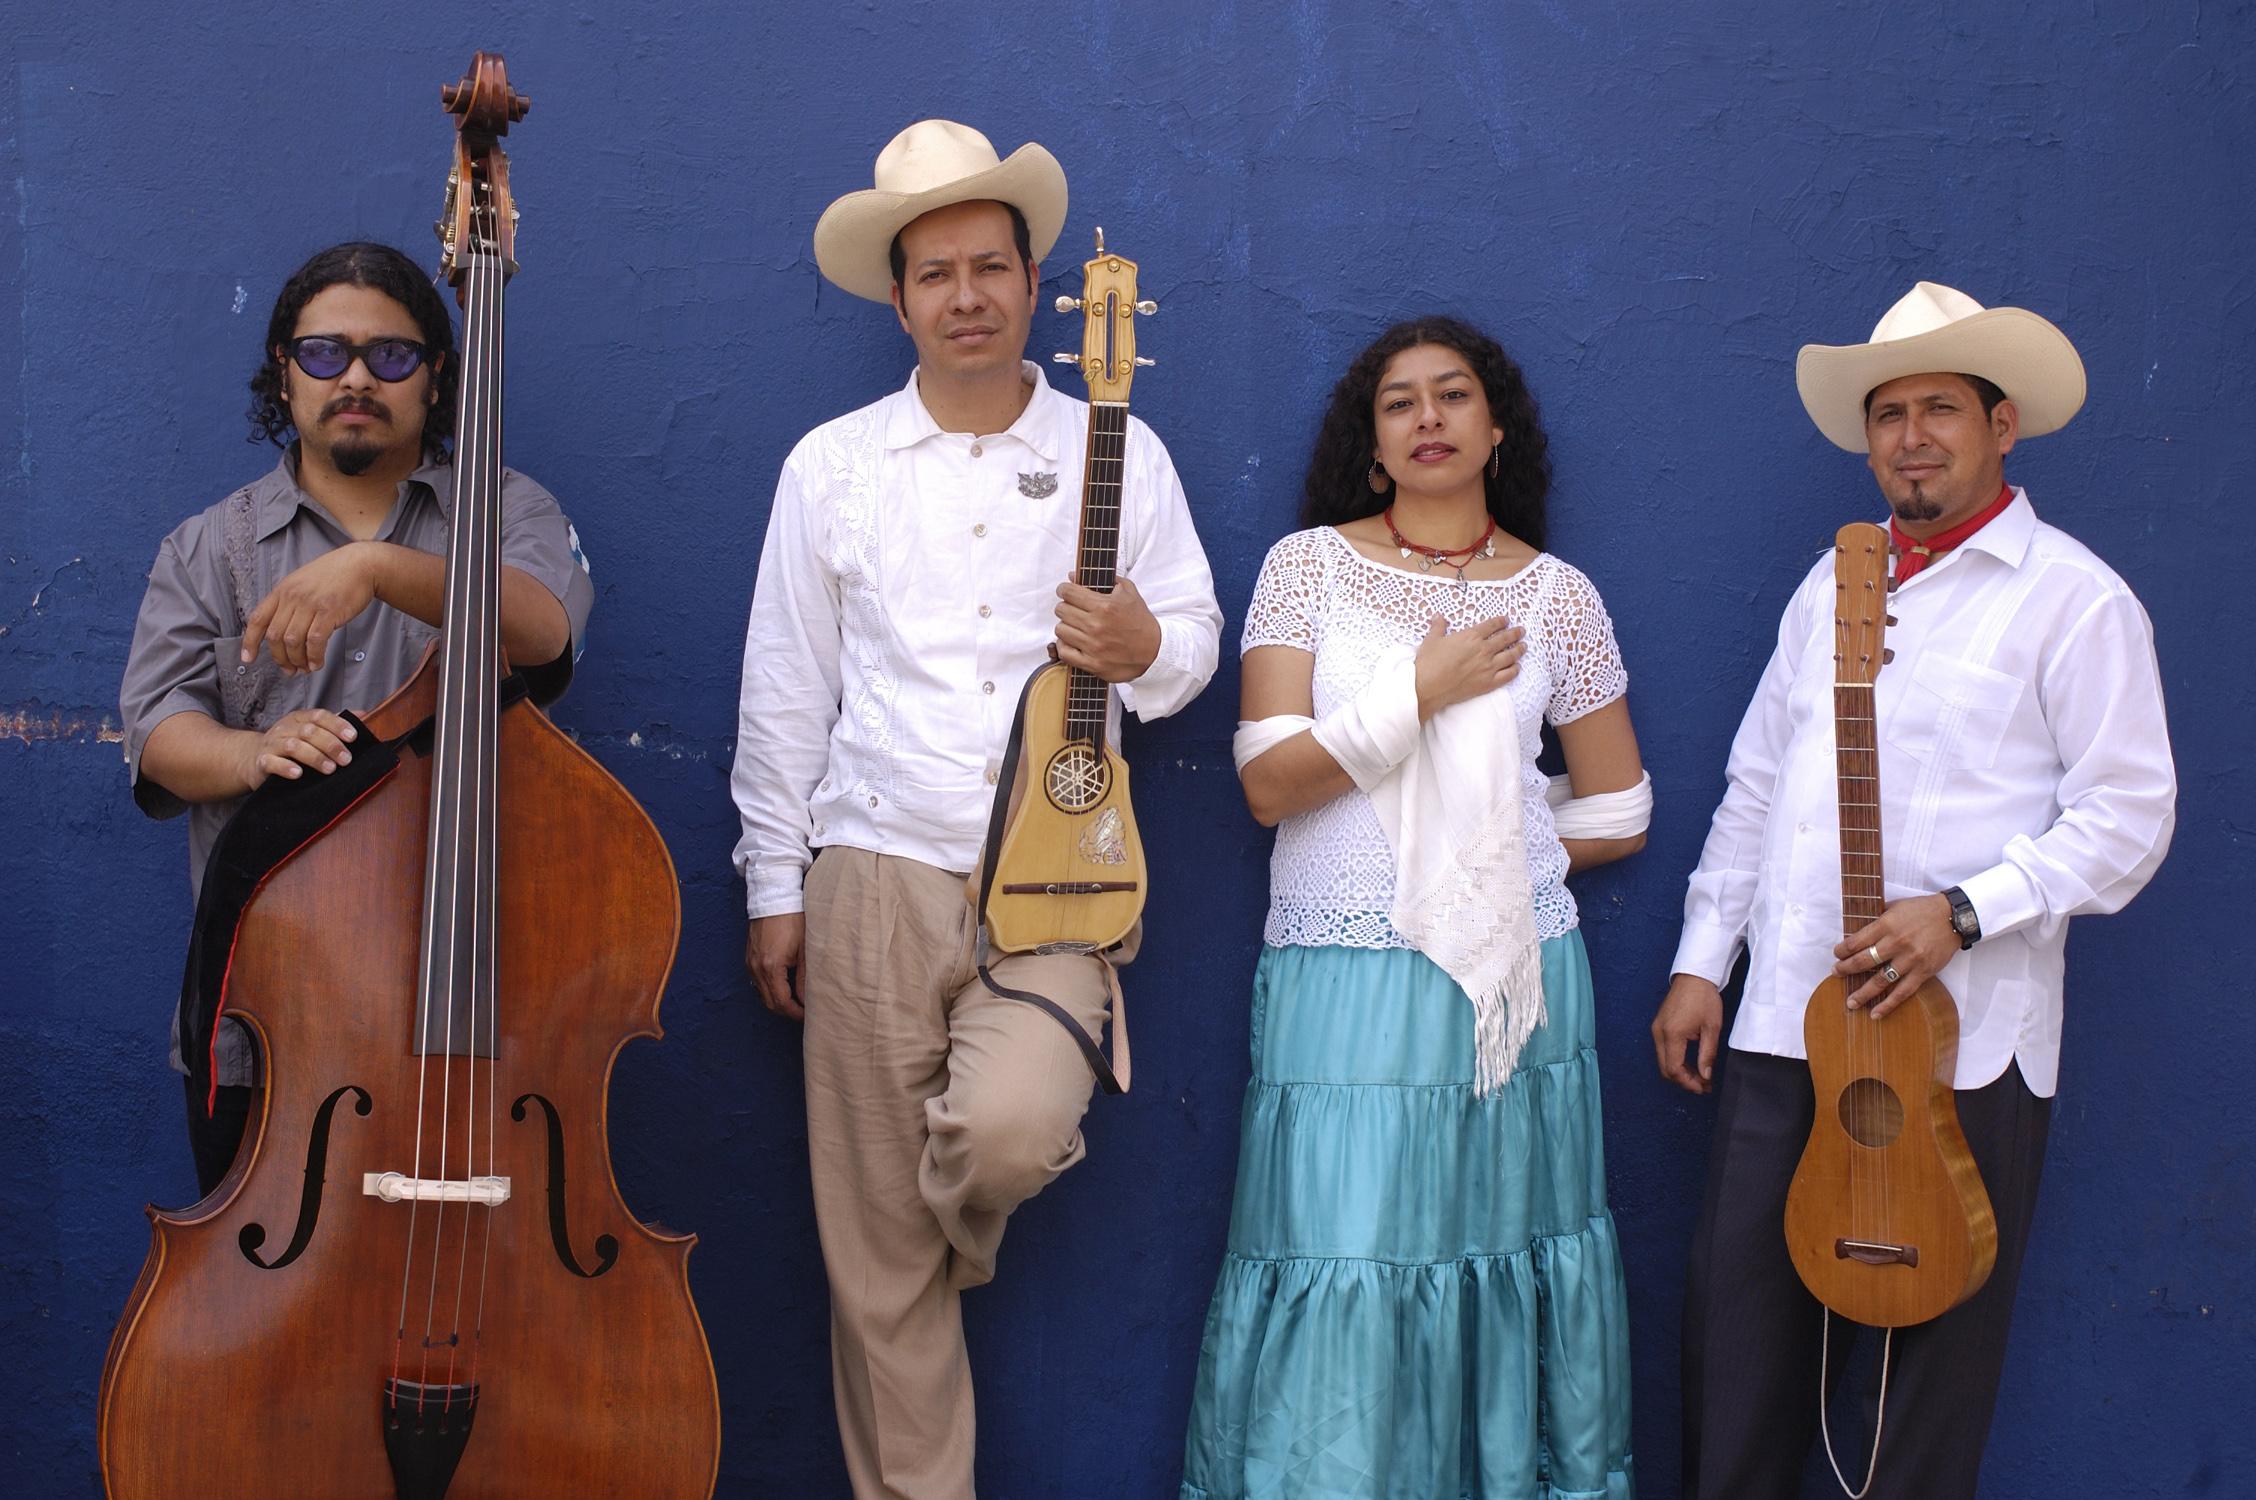 Premian al grupo veracruzano Son de Madera con Las Lunas del Auditorio Nacional